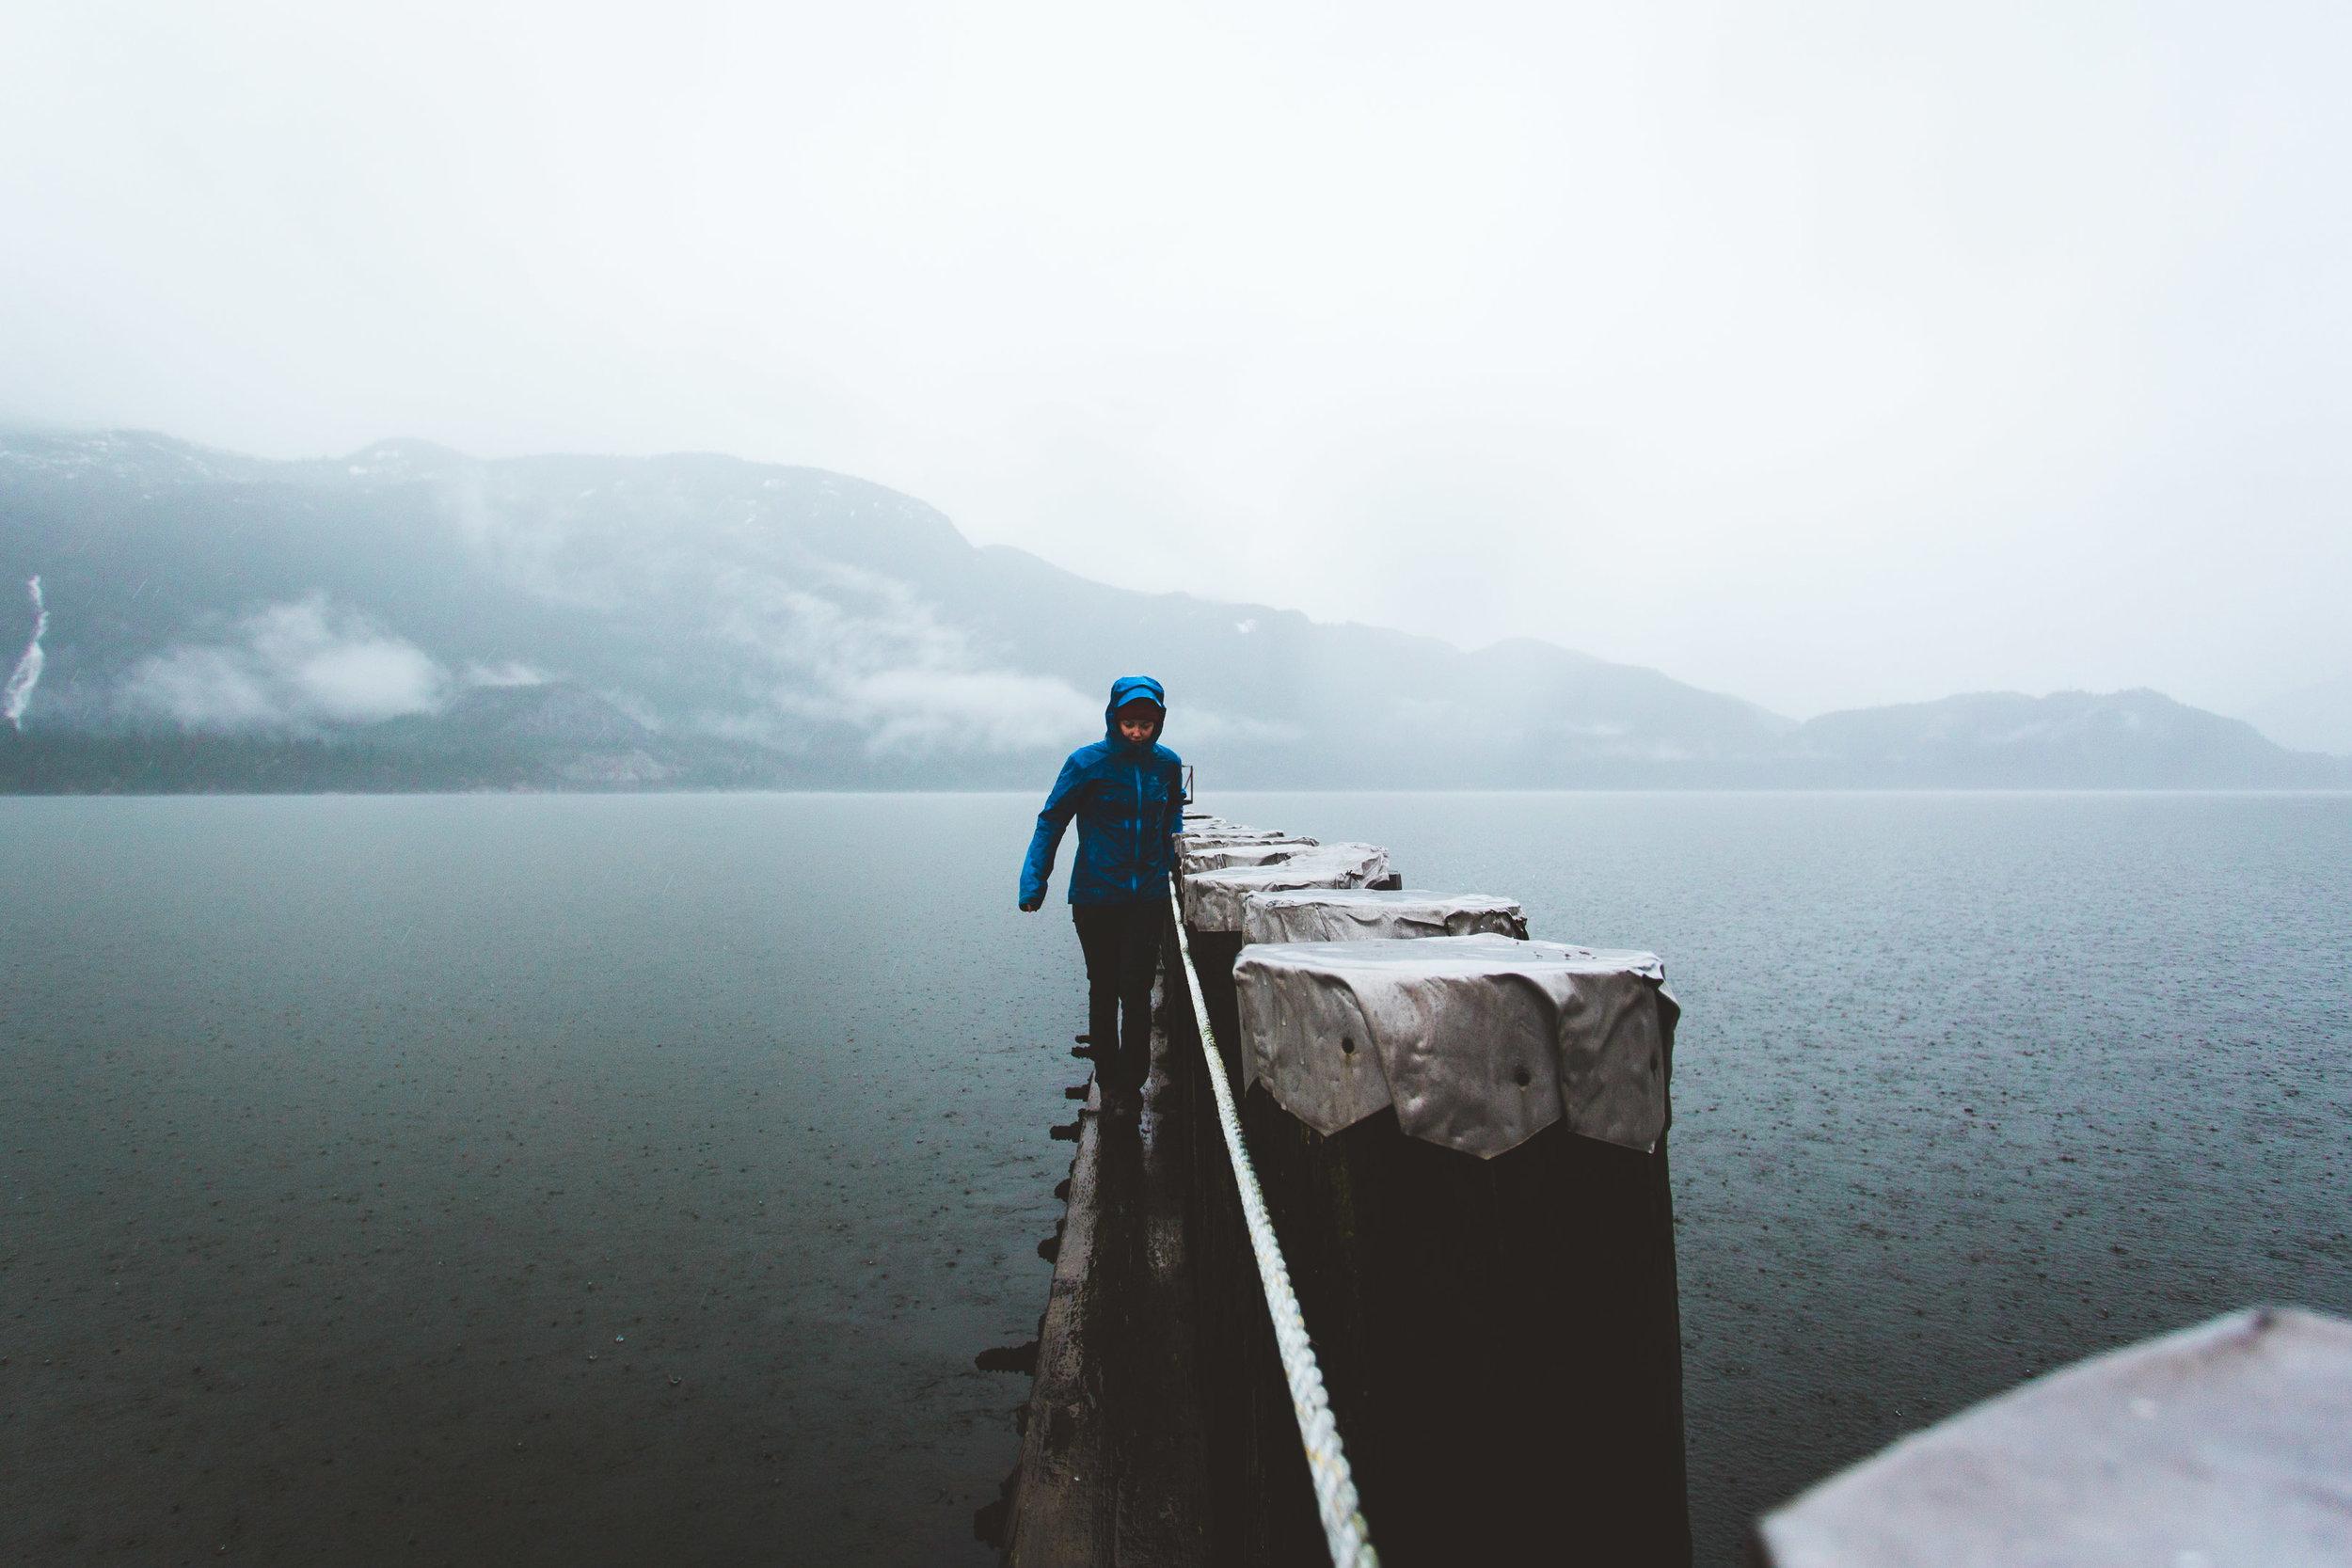 Arcteryx Rain Coat - Squamish